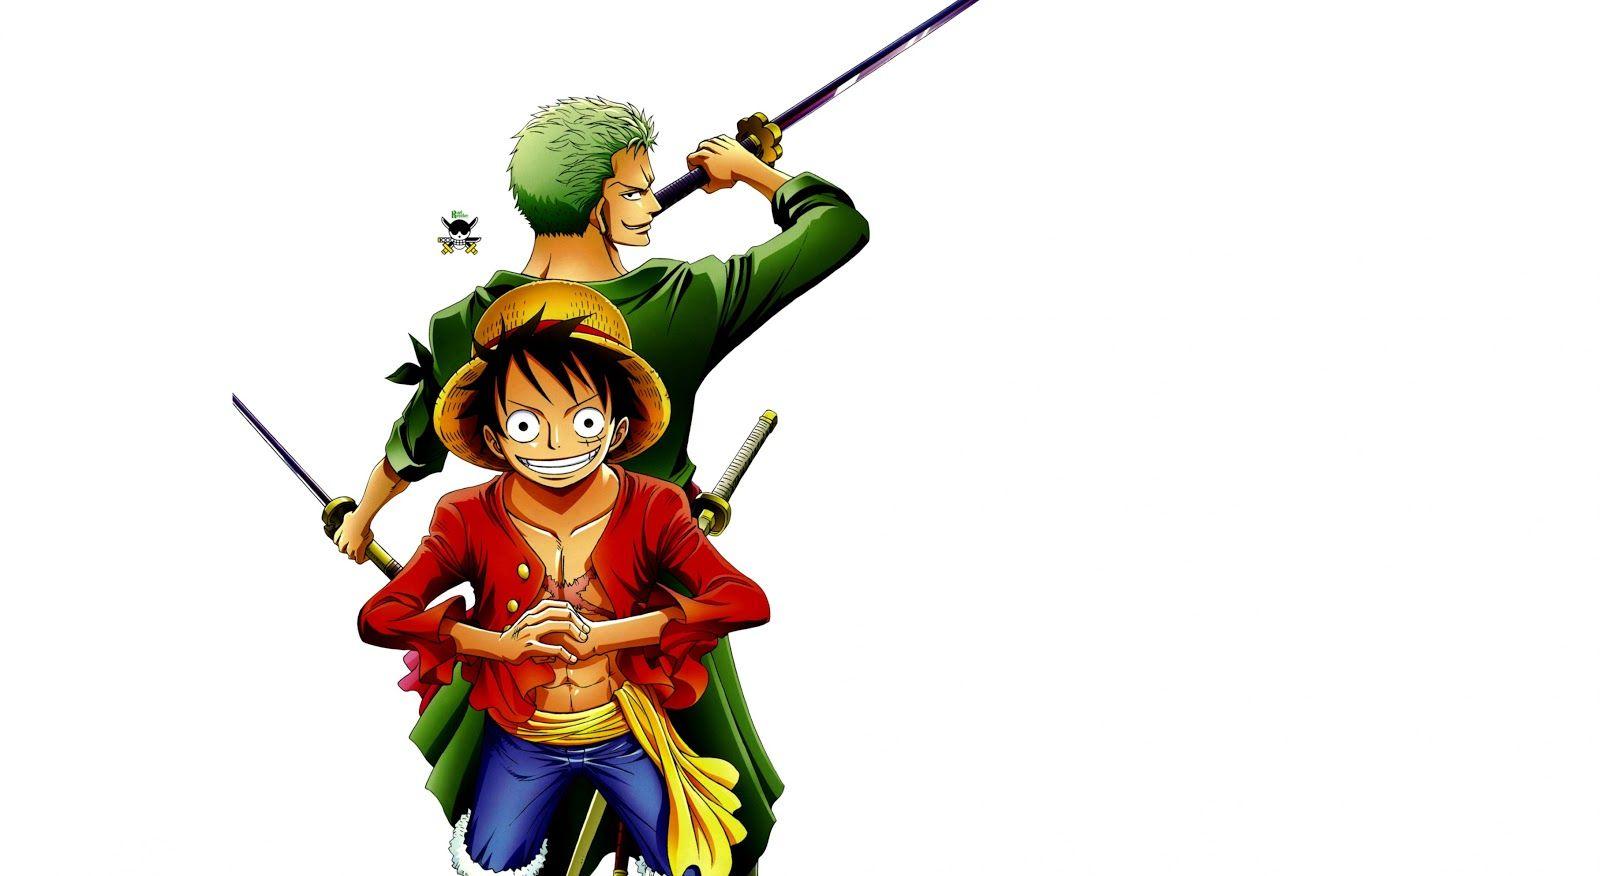 Hình ảnh Luffy và Zoro kề lưng chiến đấu